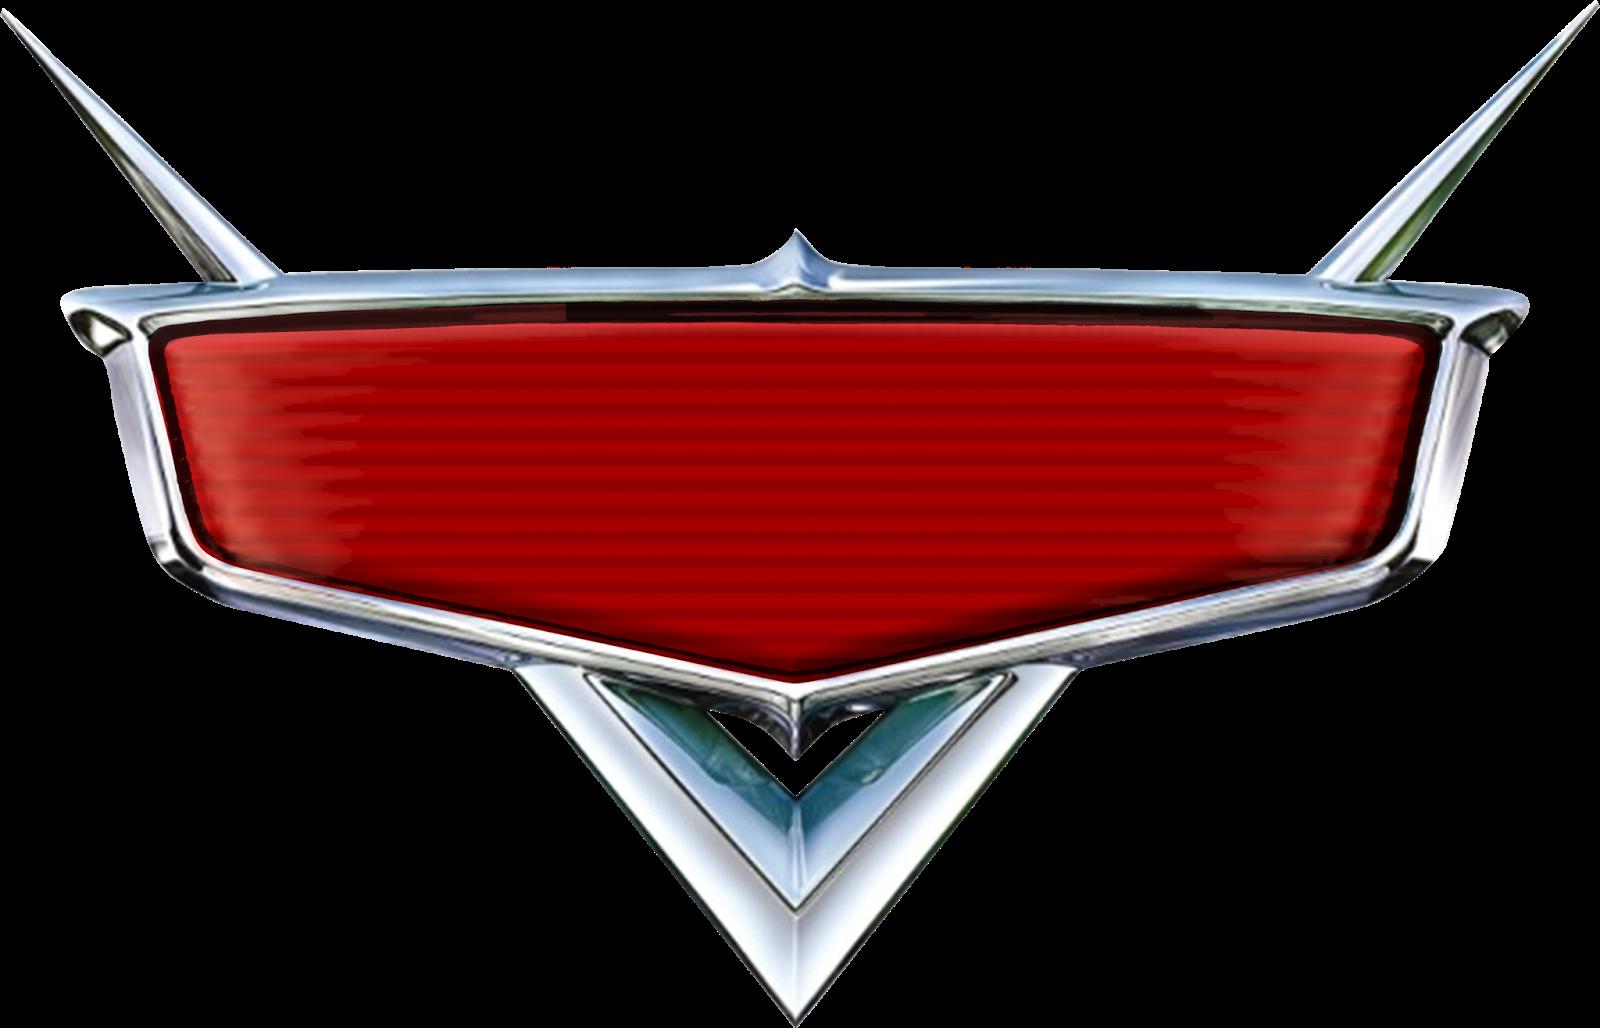 Imágenes de Cars 3 Personajes más destacados | Imágenes para Peques